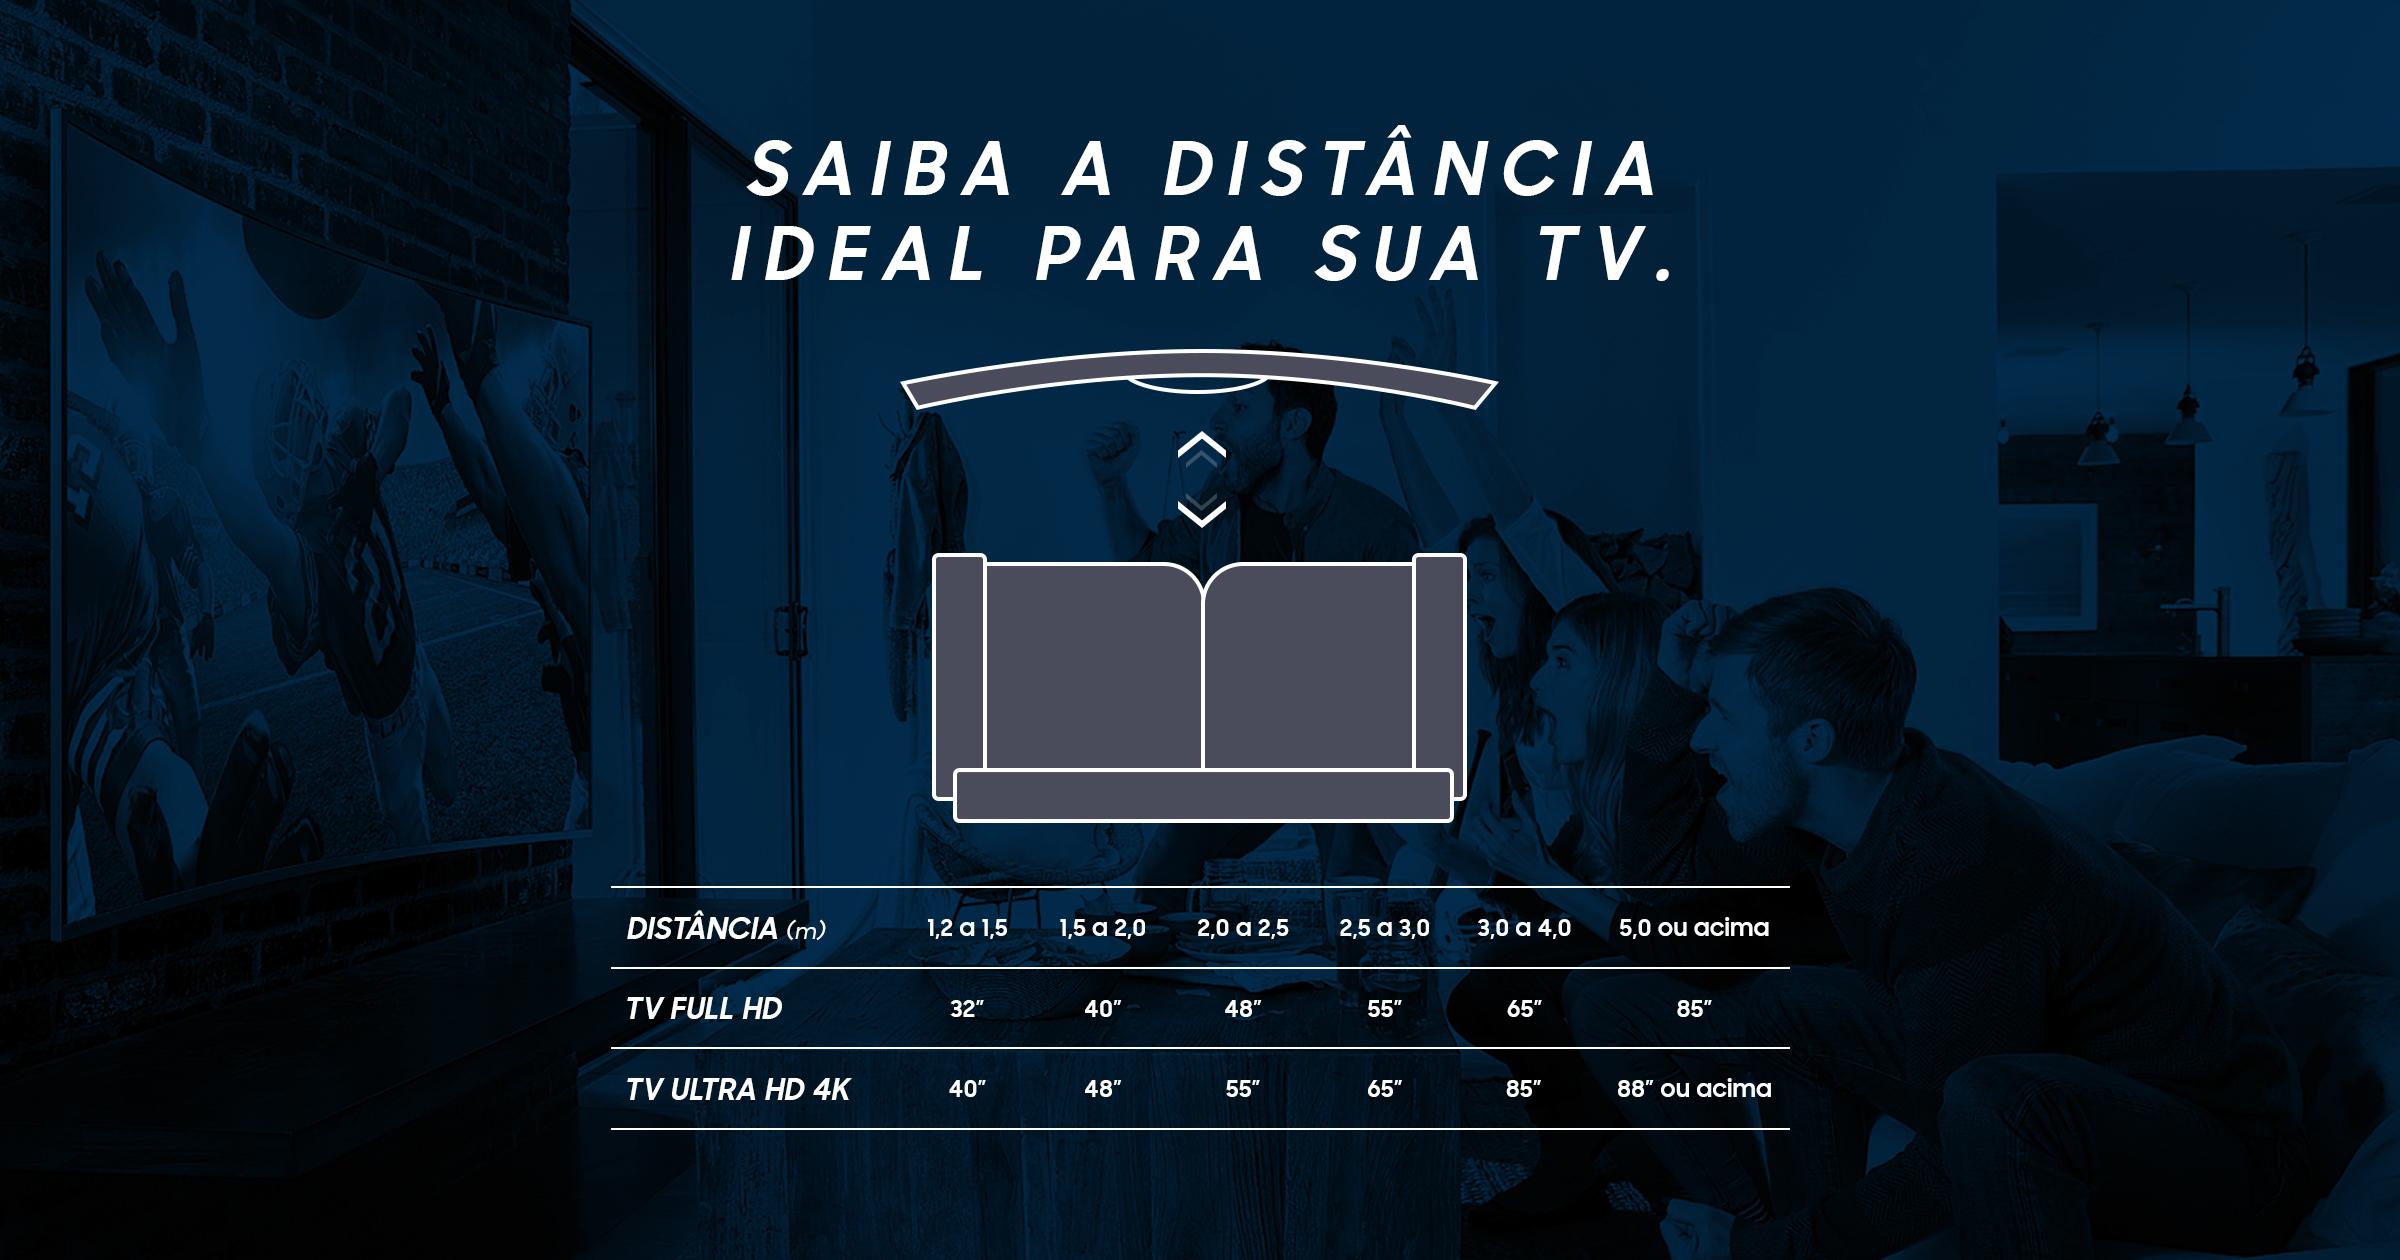 Tabela com distâncias